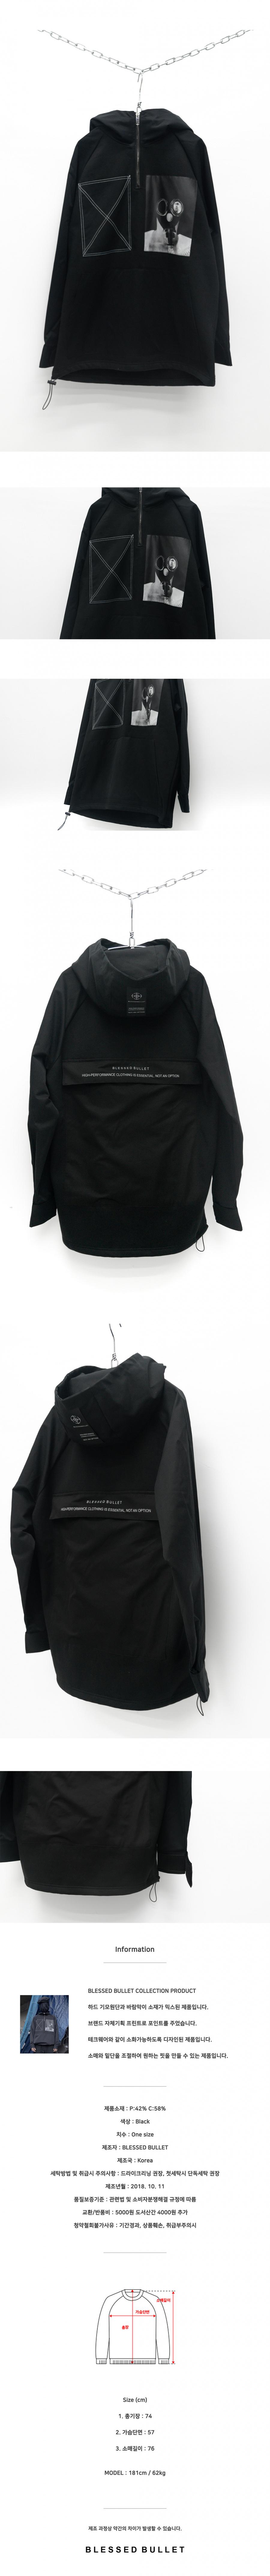 블레스드 뷸렛(BLESSED BULLET) 테크니컬 X 후드 아노락